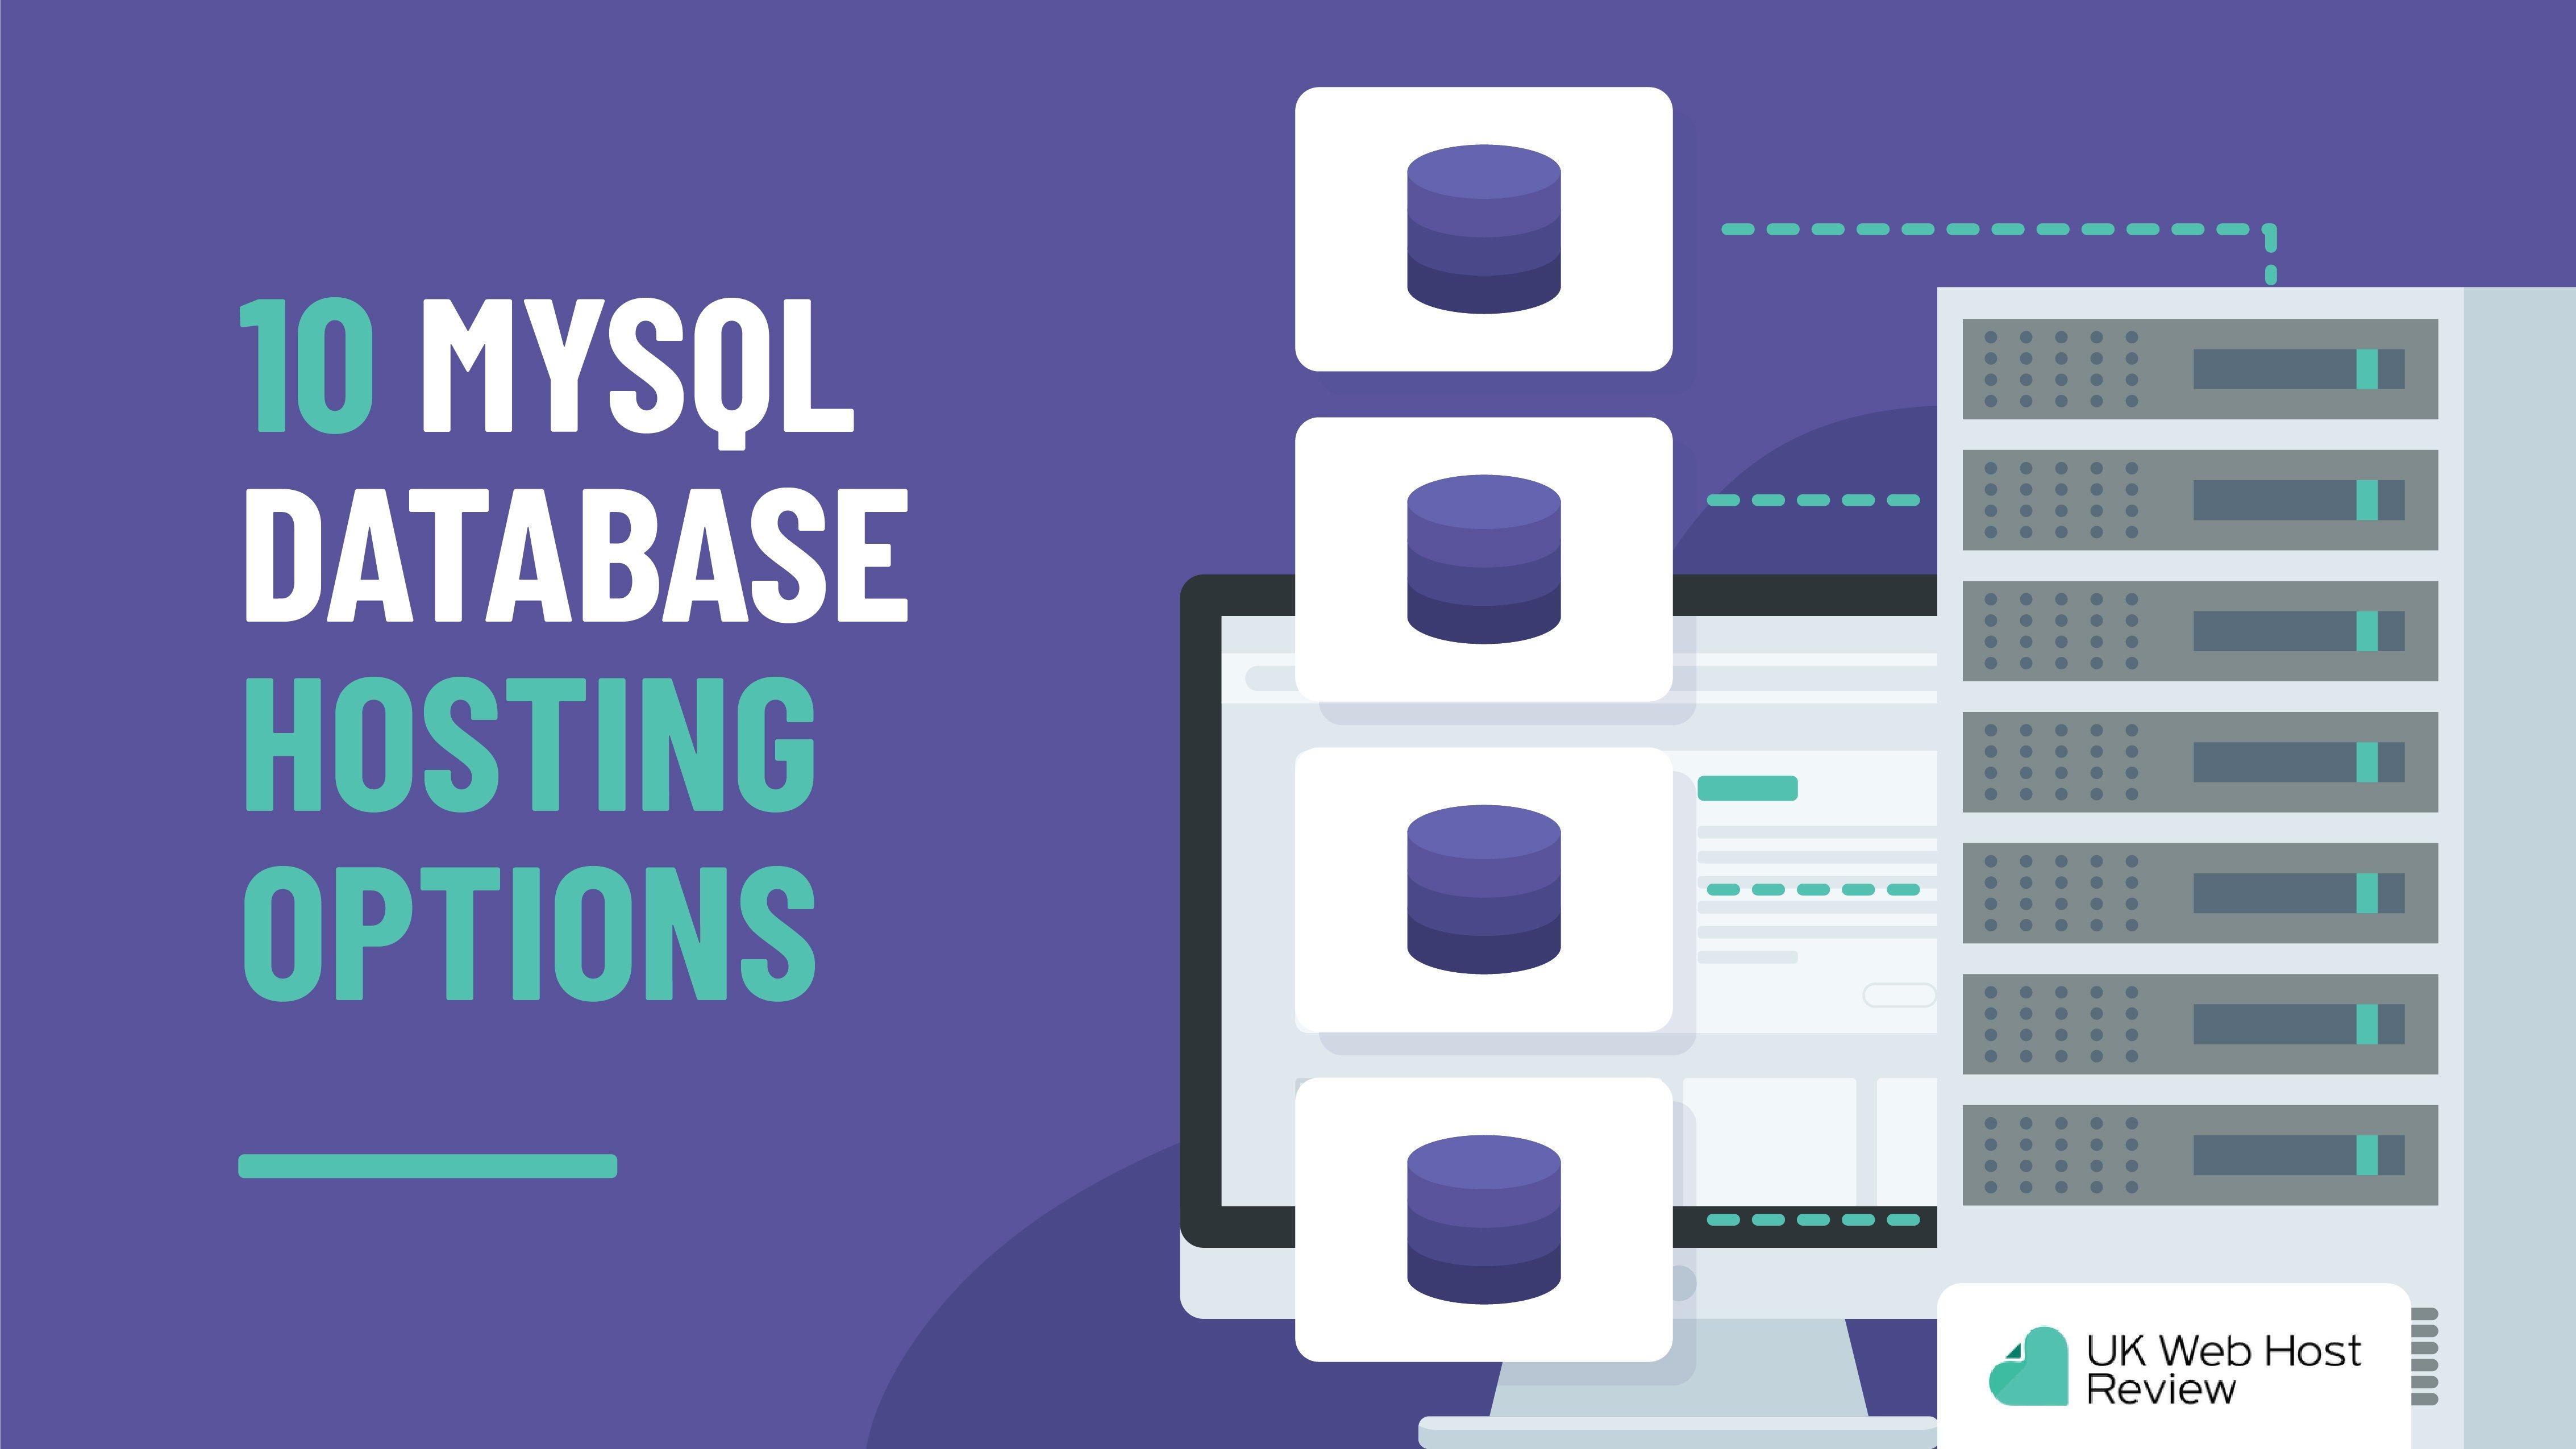 10 MySQL Database Hosting Options